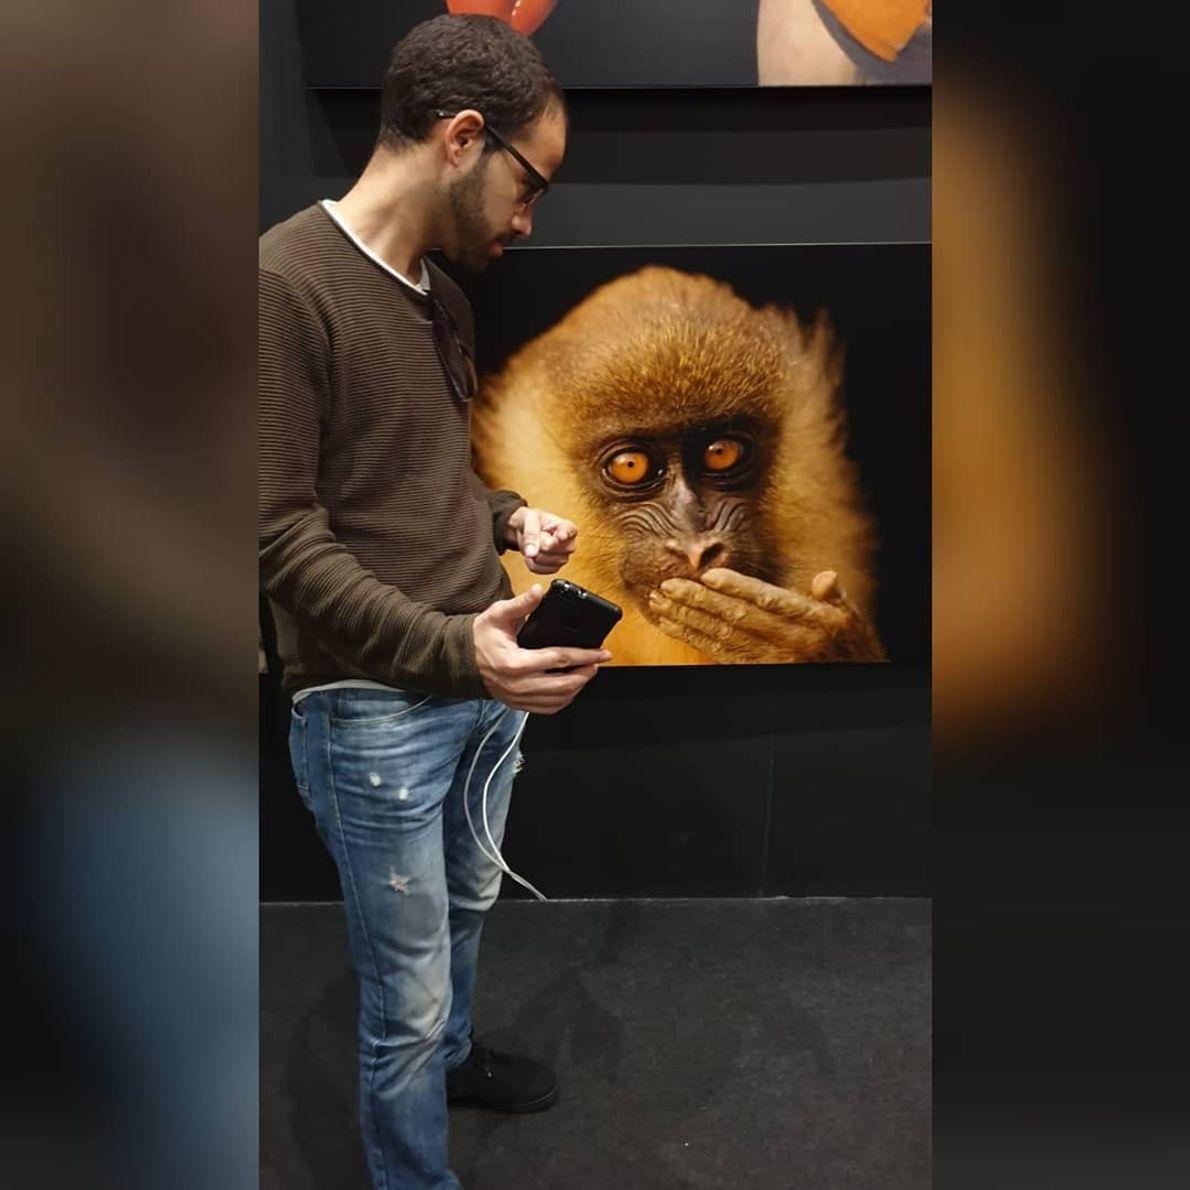 Imagem do vencedor @titogodinho na exposição Photo Ark